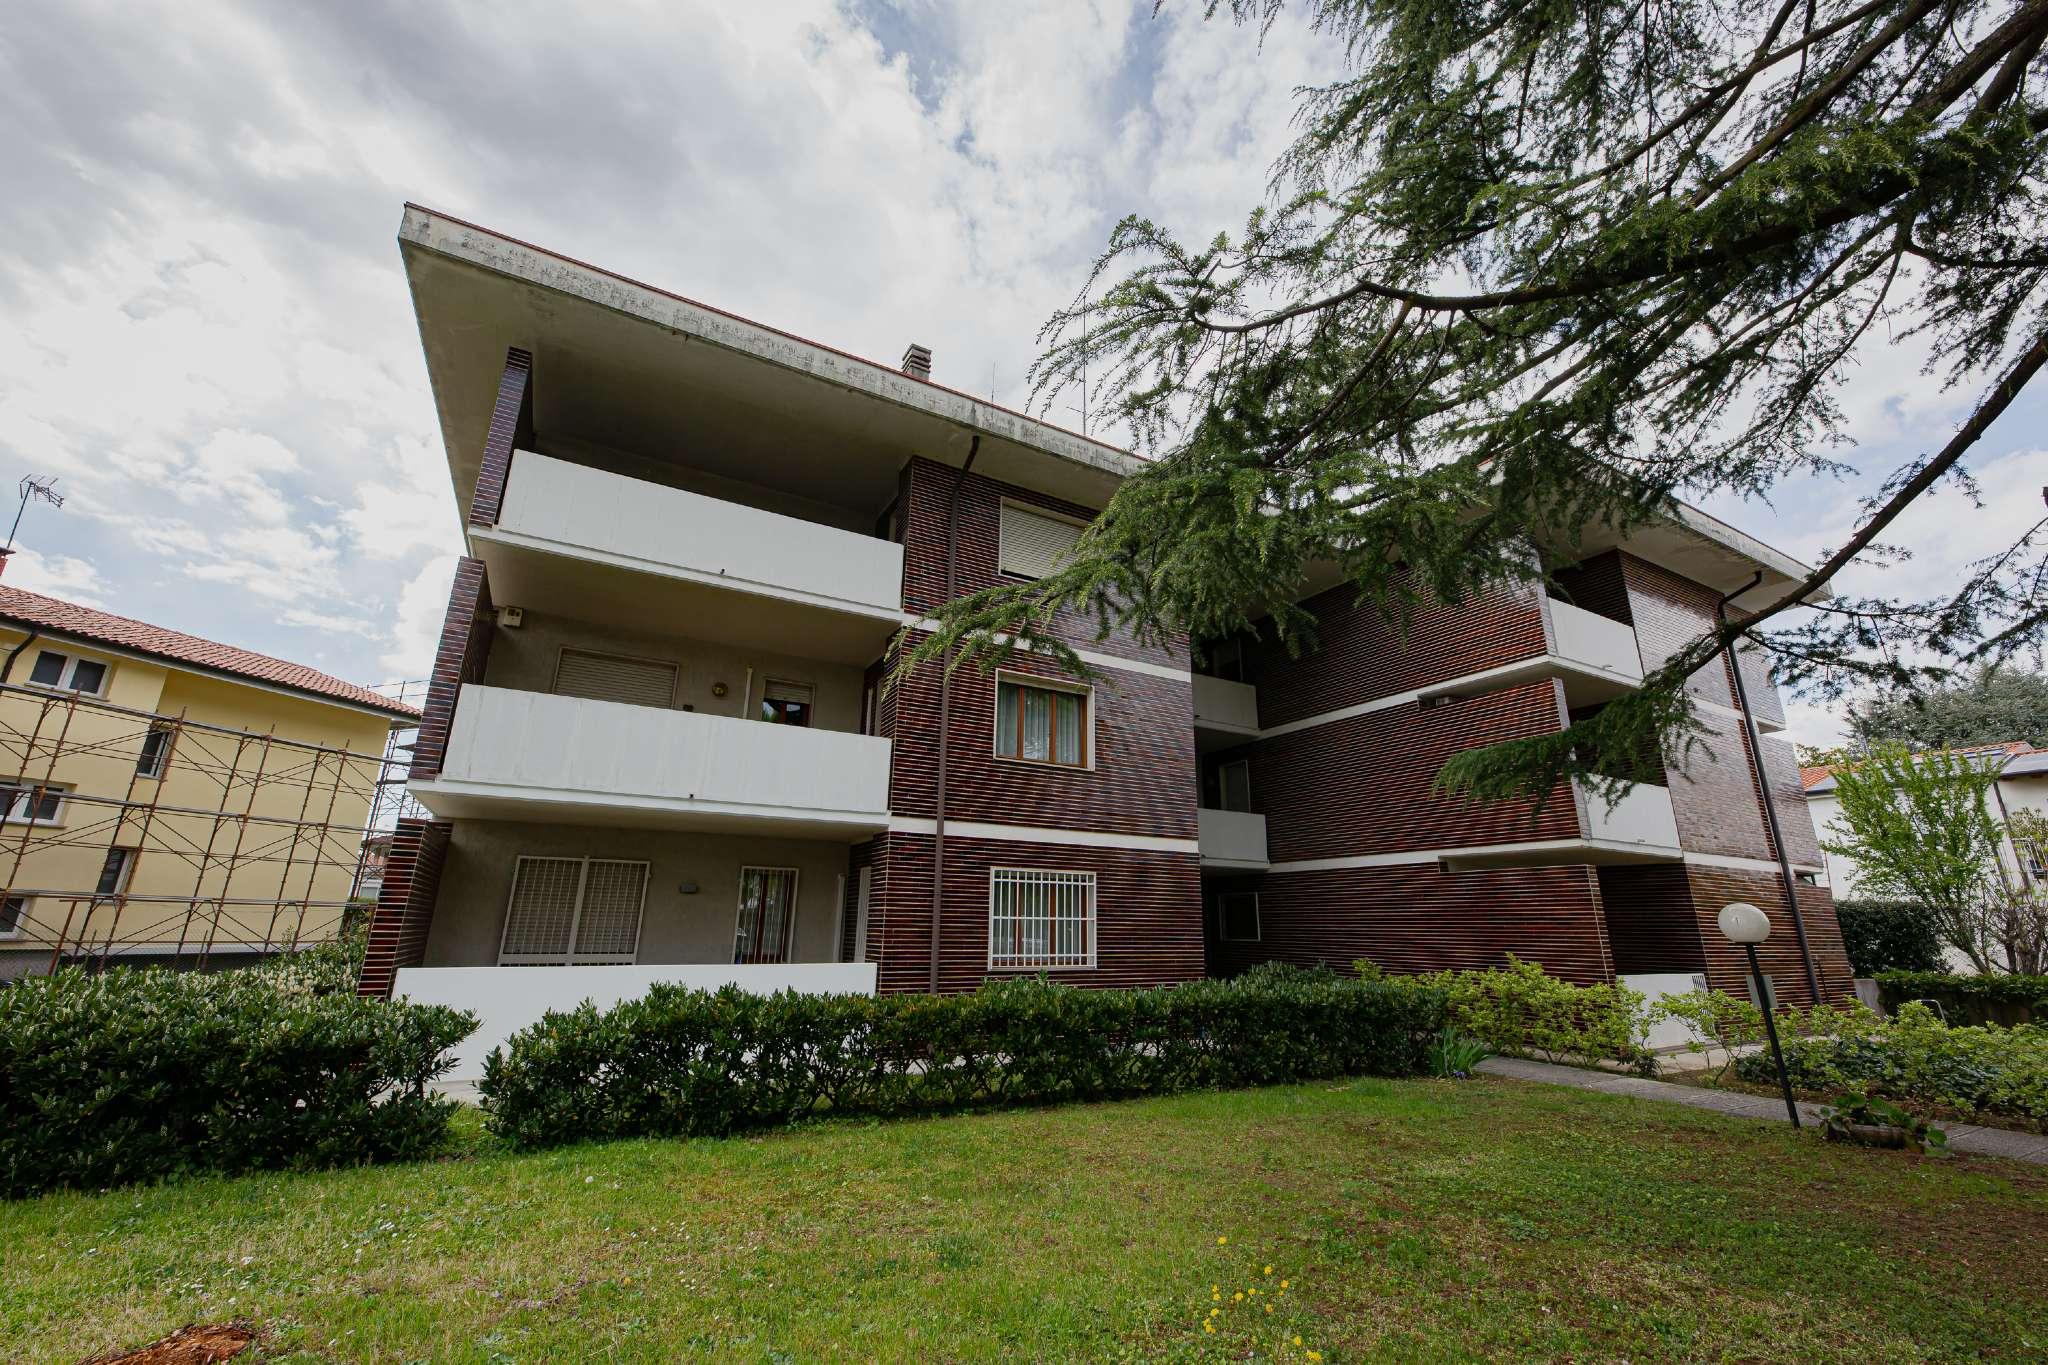 Appartamento in vendita a Udine, 7 locali, prezzo € 278.000 | PortaleAgenzieImmobiliari.it